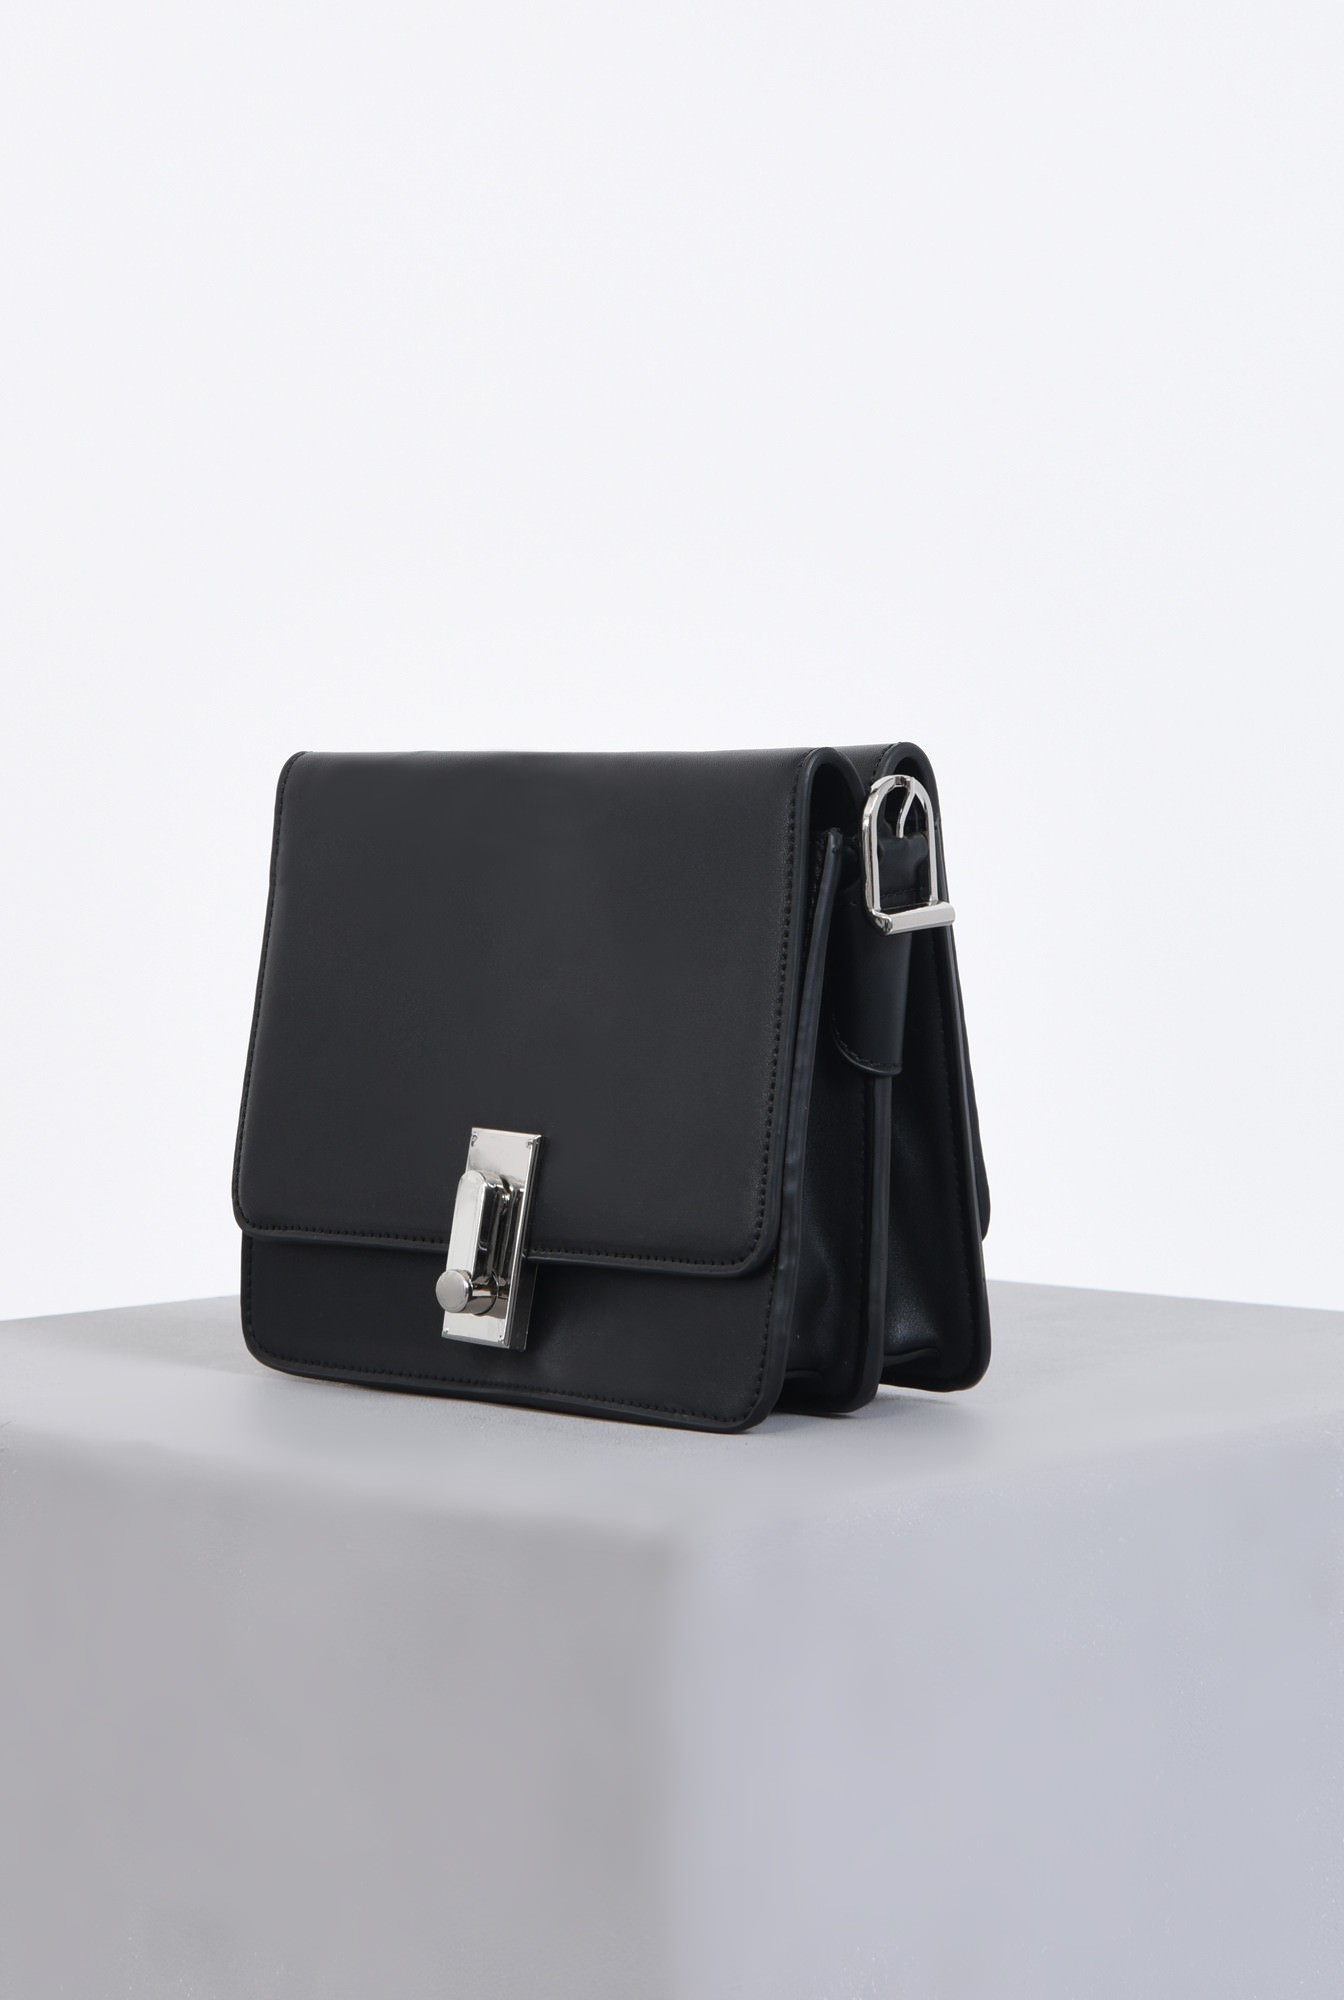 2 - geanta casual, negru, mini, accesorii